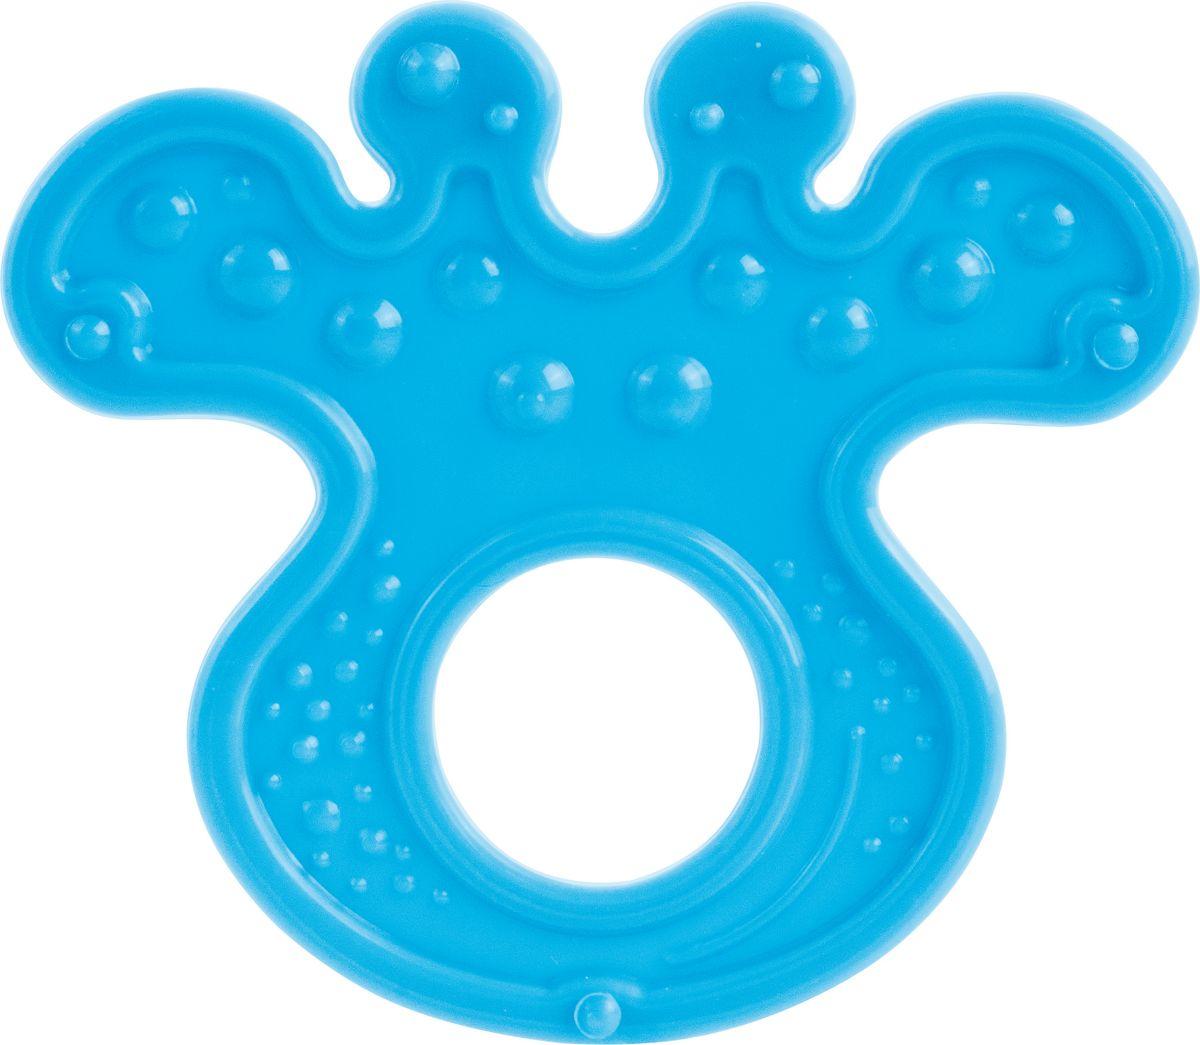 Canpol Babies Прорезыватель Растение цвет голубой canpol babies ножницы детские цвет голубой